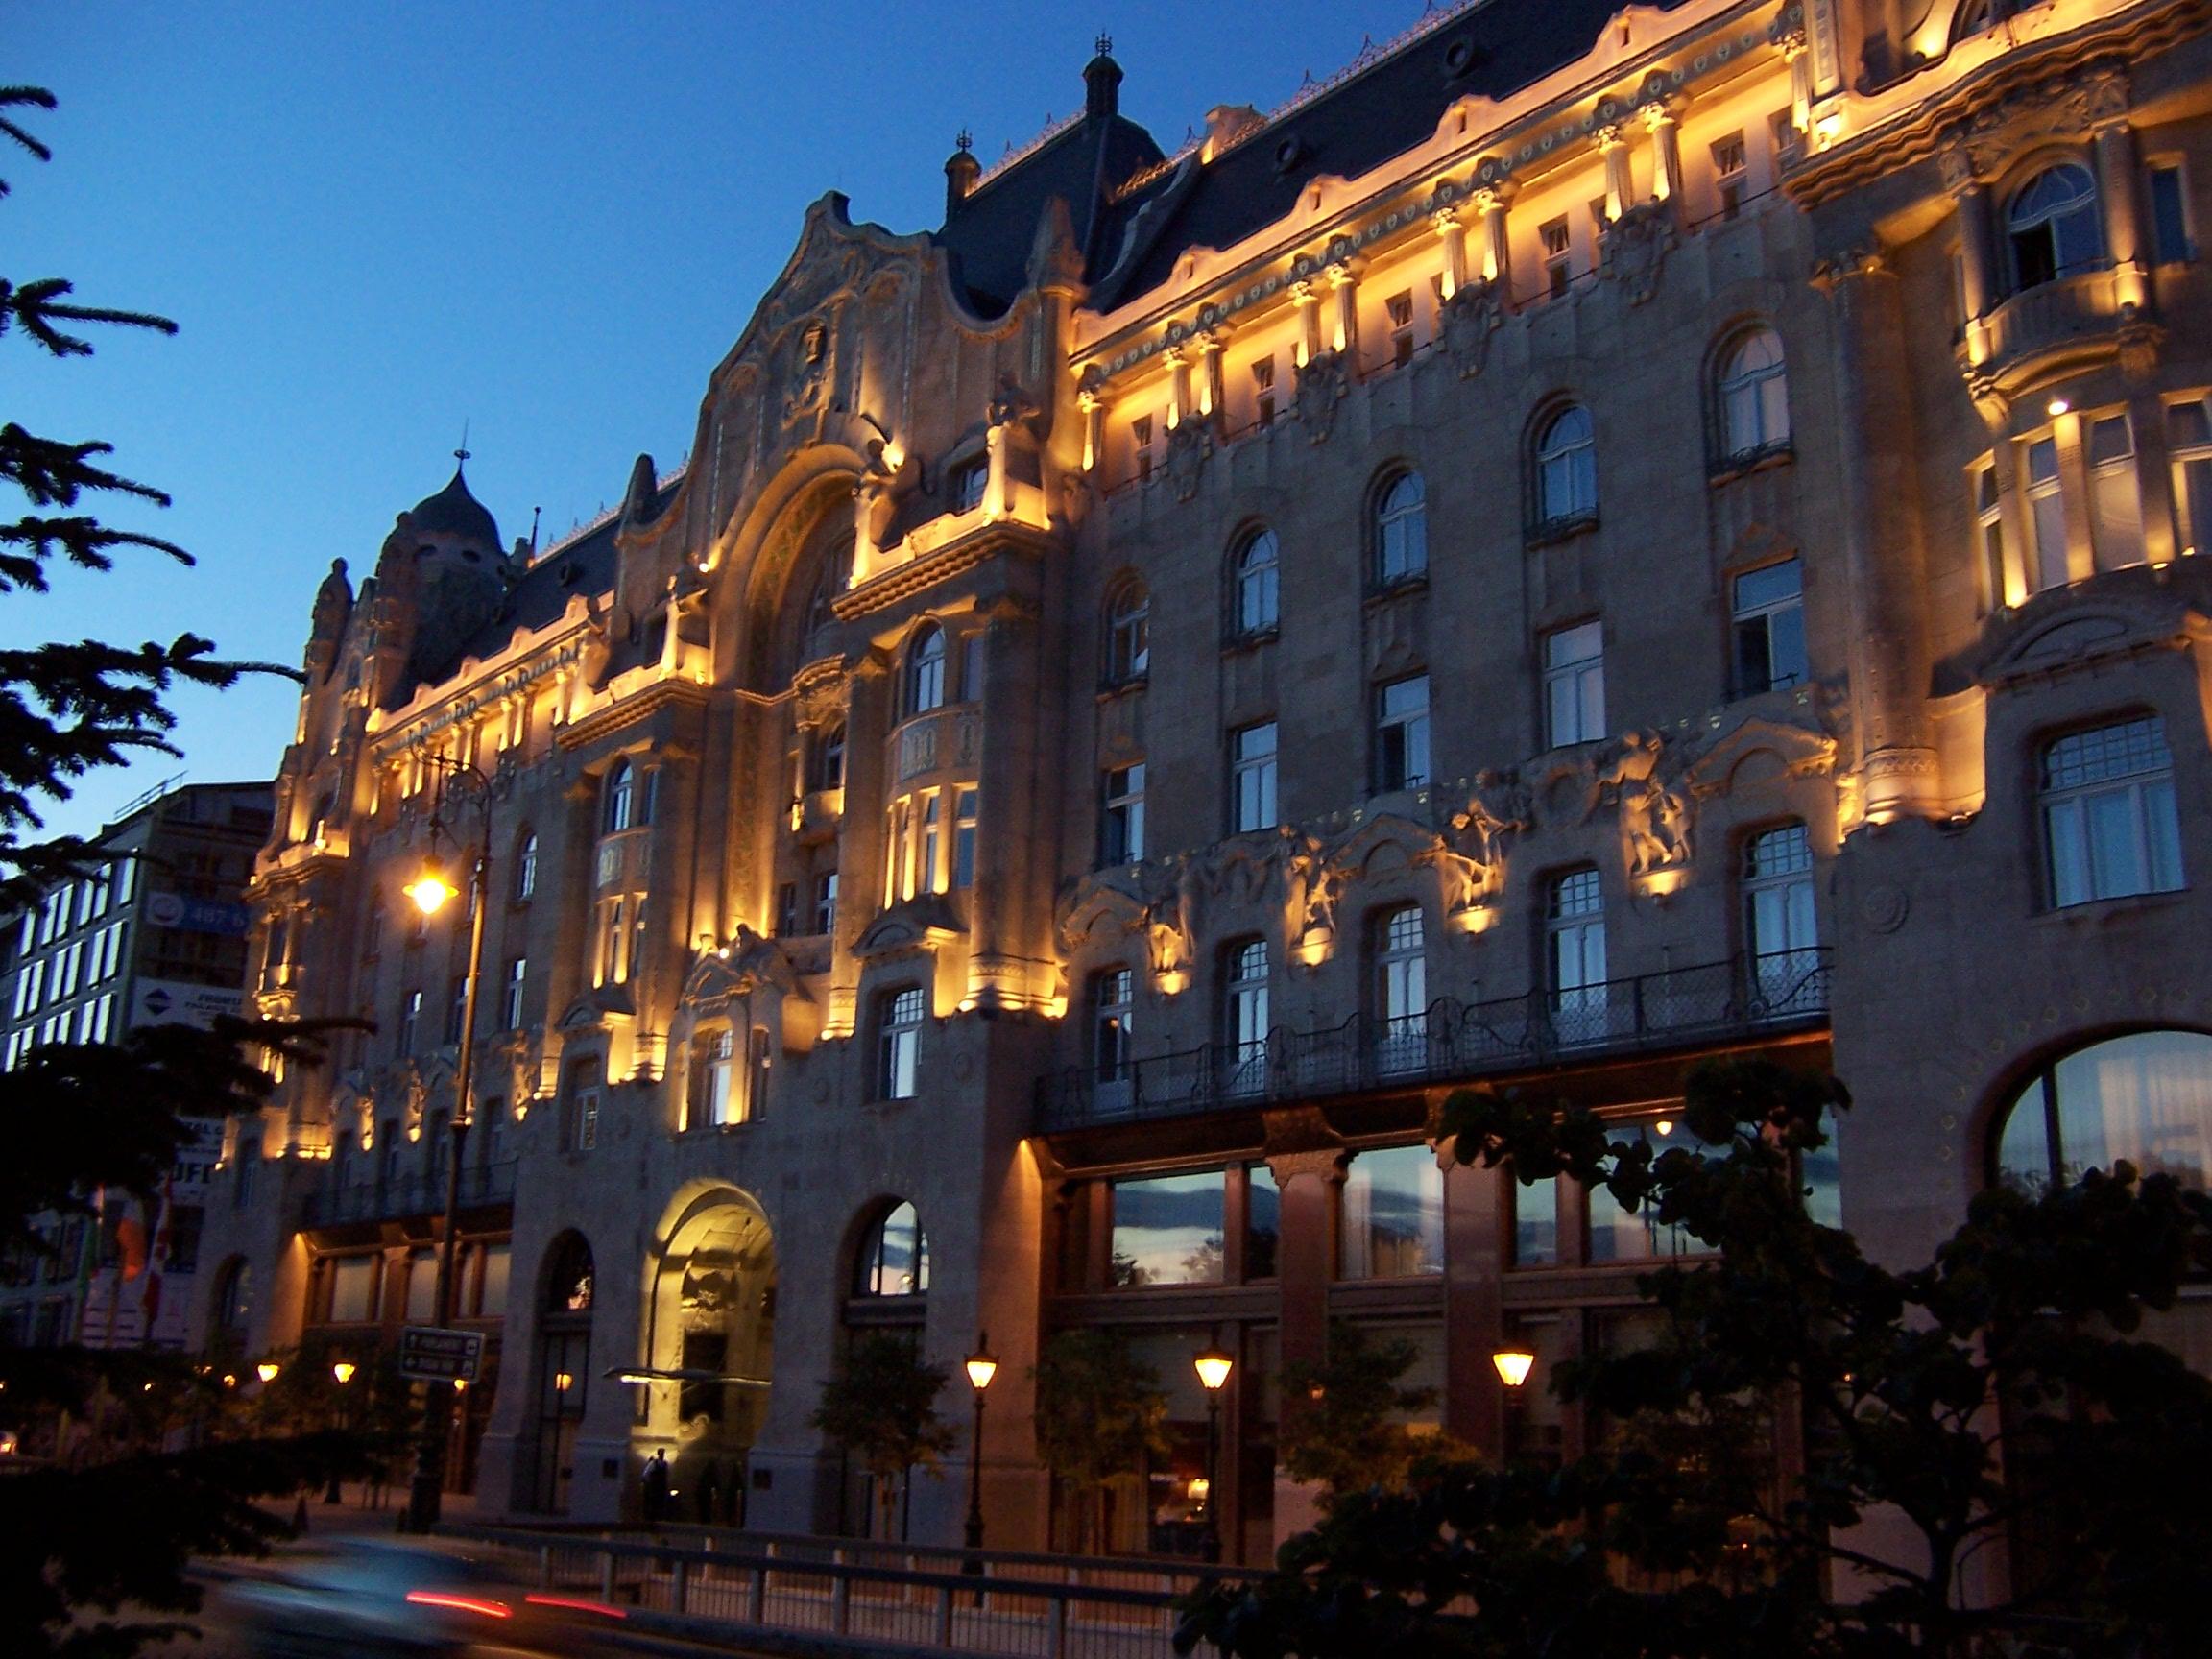 File:Budapest gresham lights.JPG